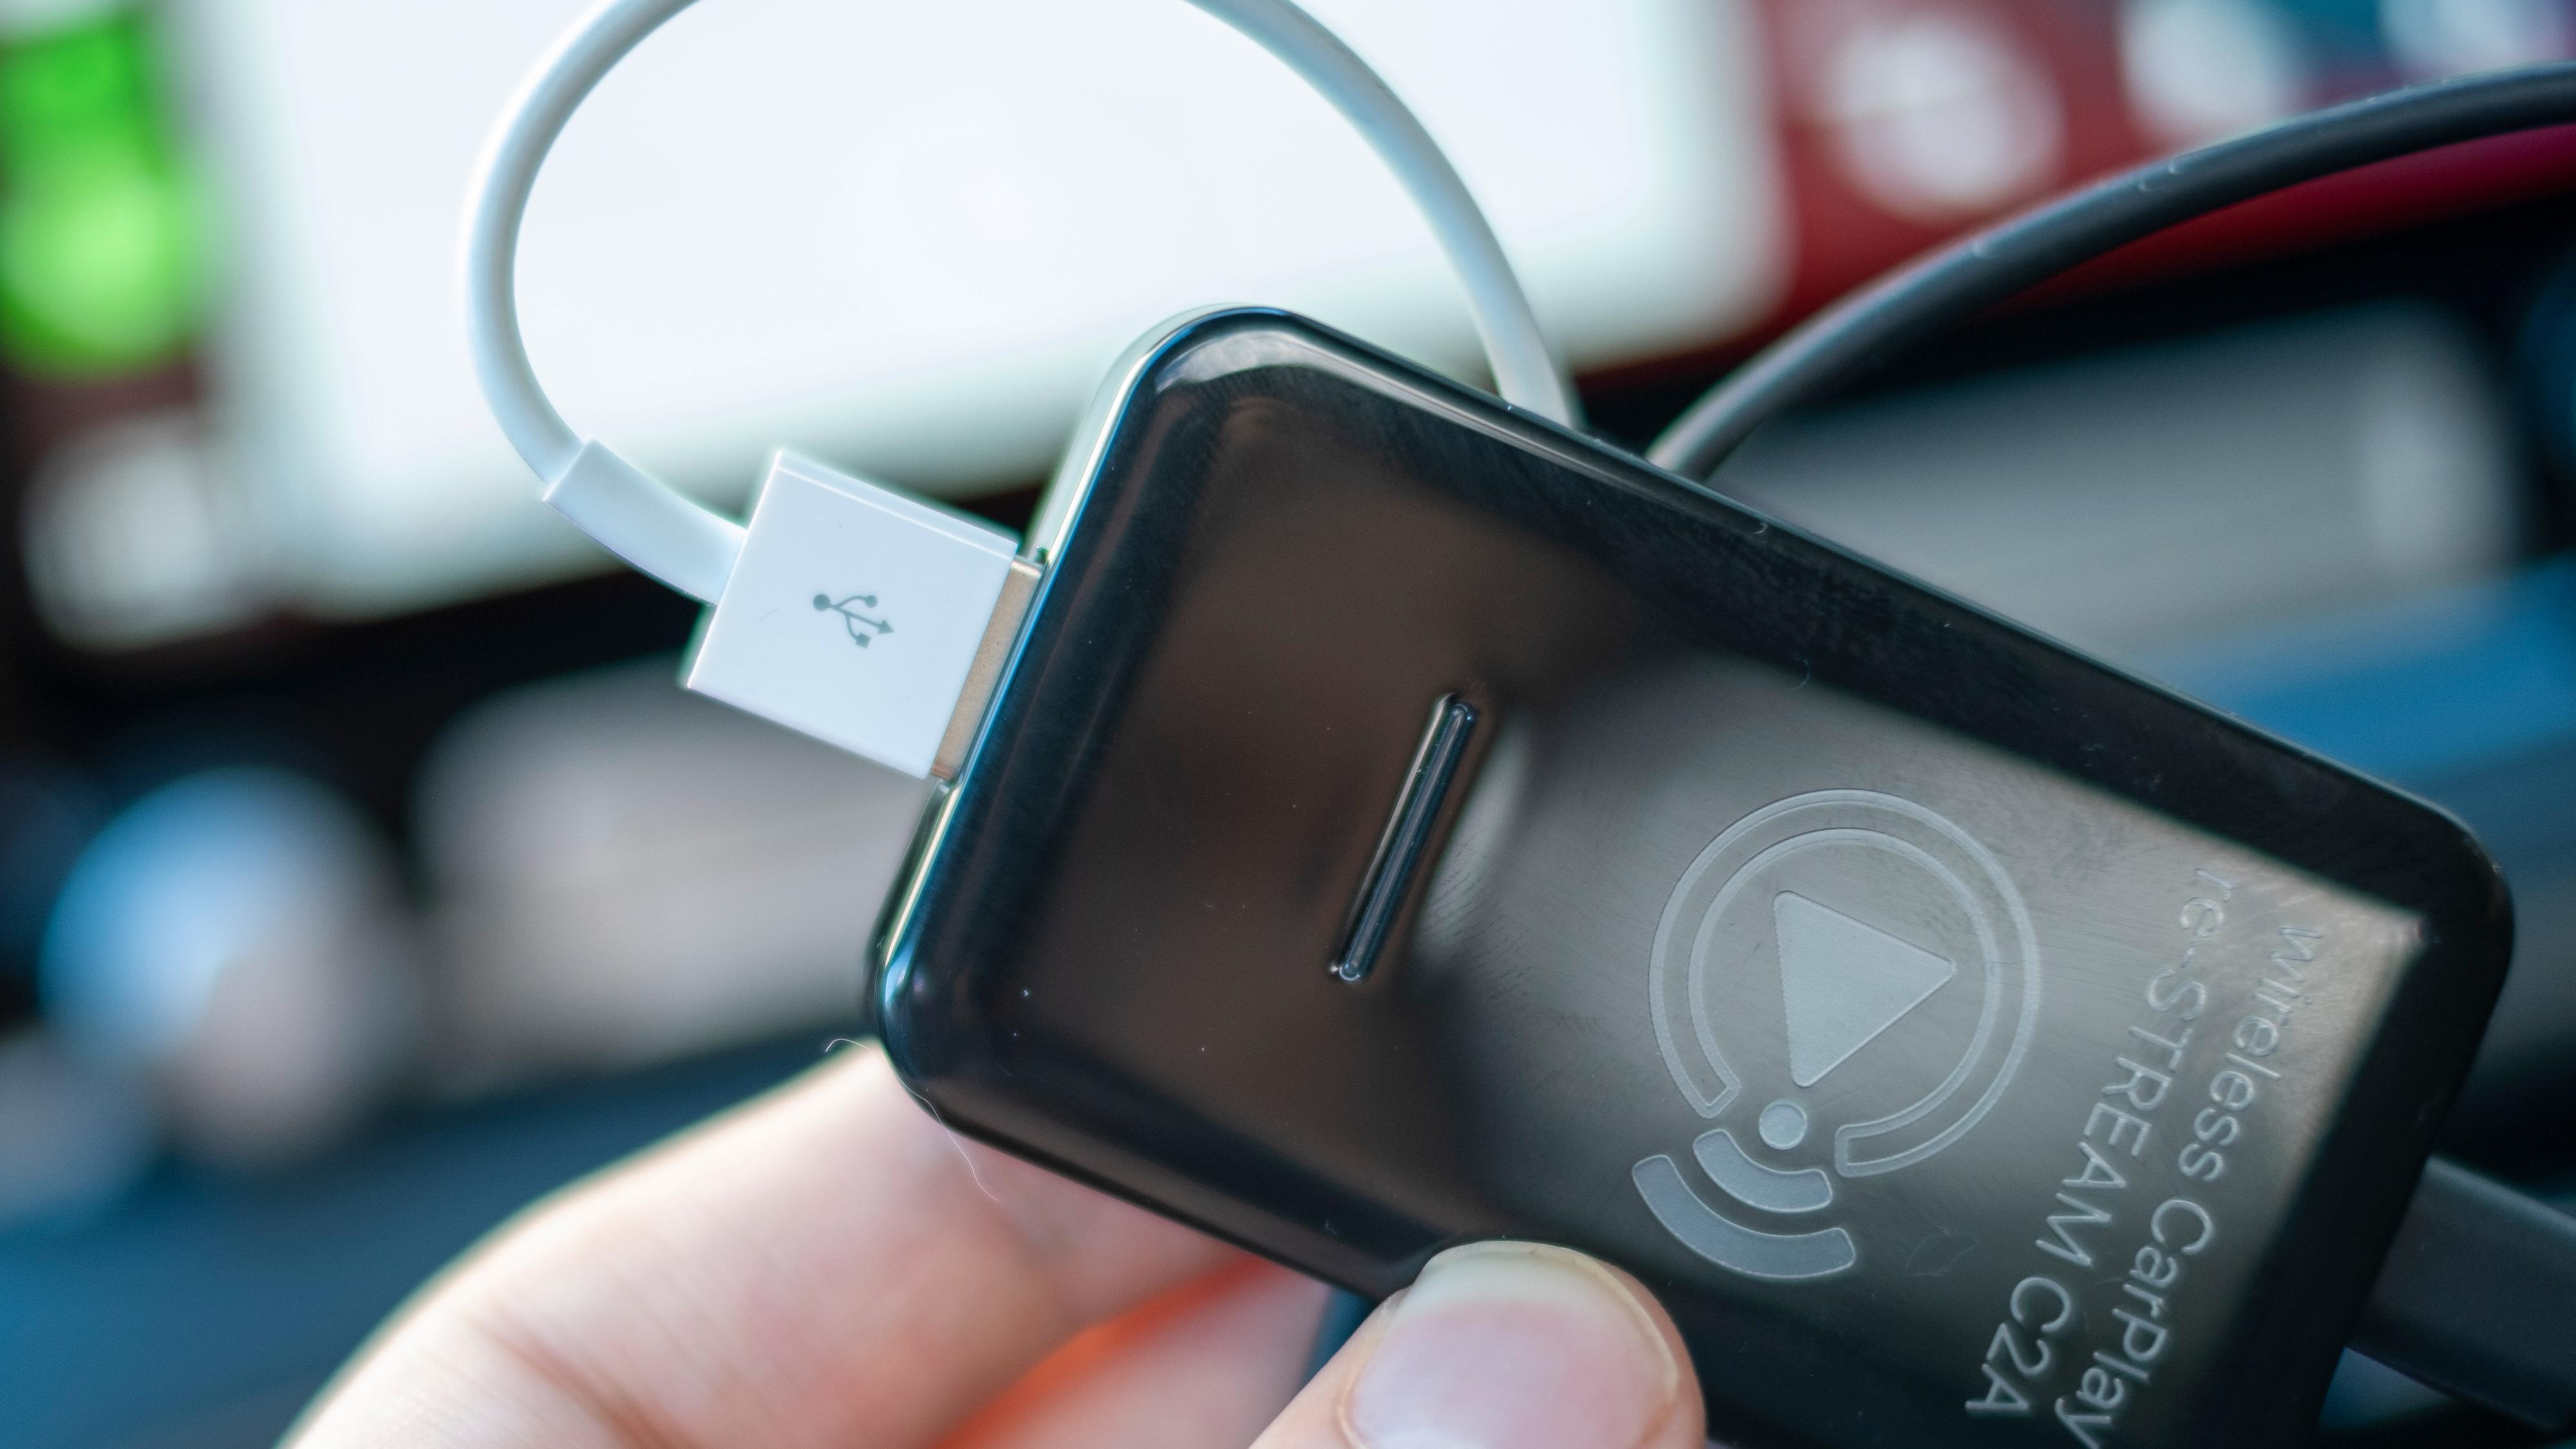 Hvis du trenger lading kan du koble til iPhonen direkte gjennom C2A-adapteret. Da blir også CarPlay-opplevelsen kablet så lenge telefonen er tilkoblet. Hvis du trekker ut kabelen kobler telefonen til på nytt, denne gangen trådløst. Du får altså en pause i underholdningen eller veivisingen hvis du drar ut kabelen.